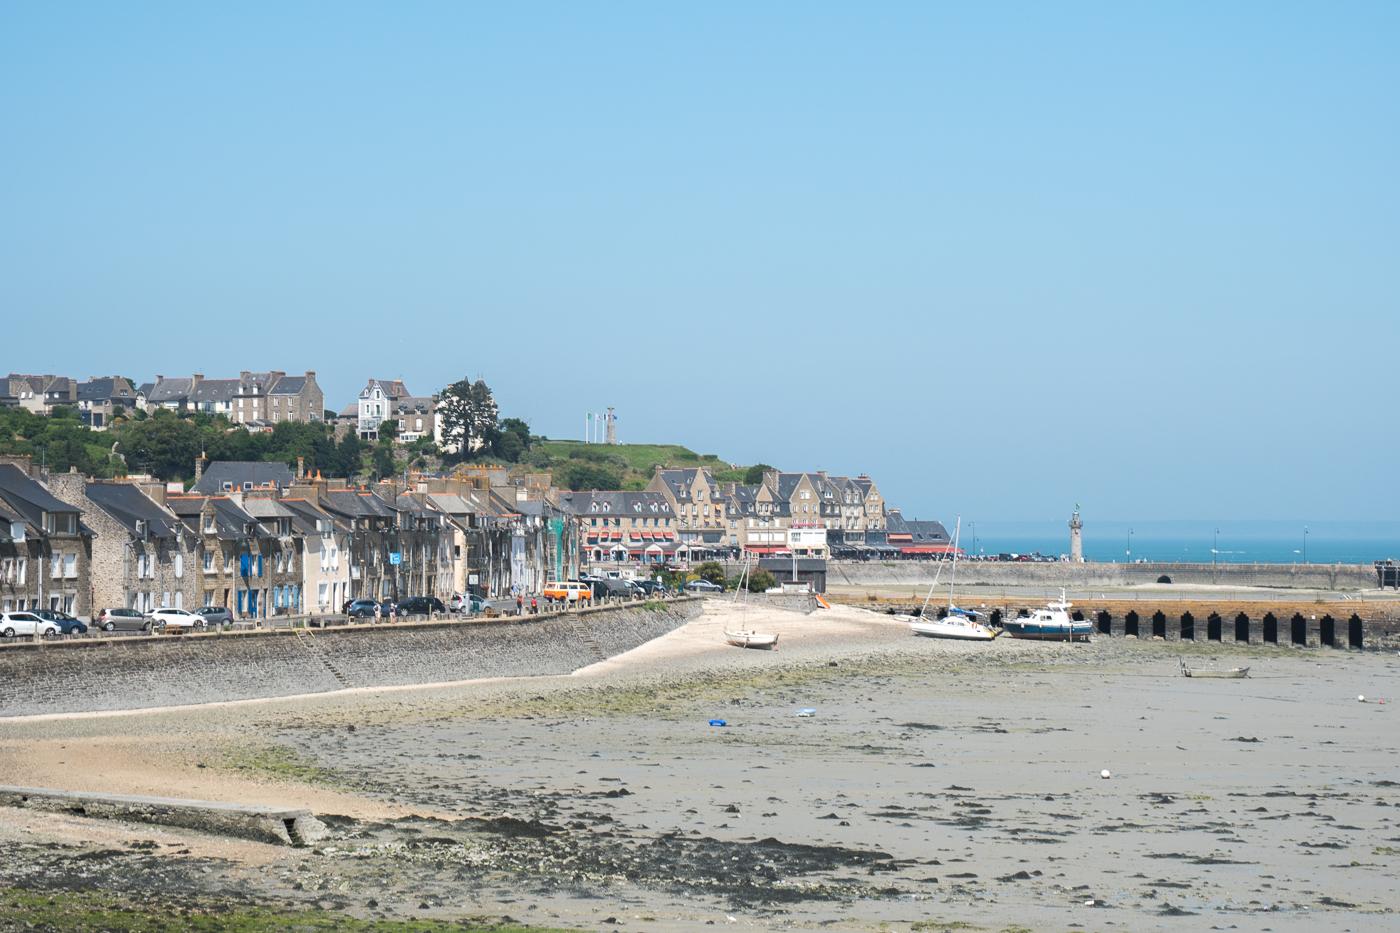 Jetée de Cancale en Bretagne, France